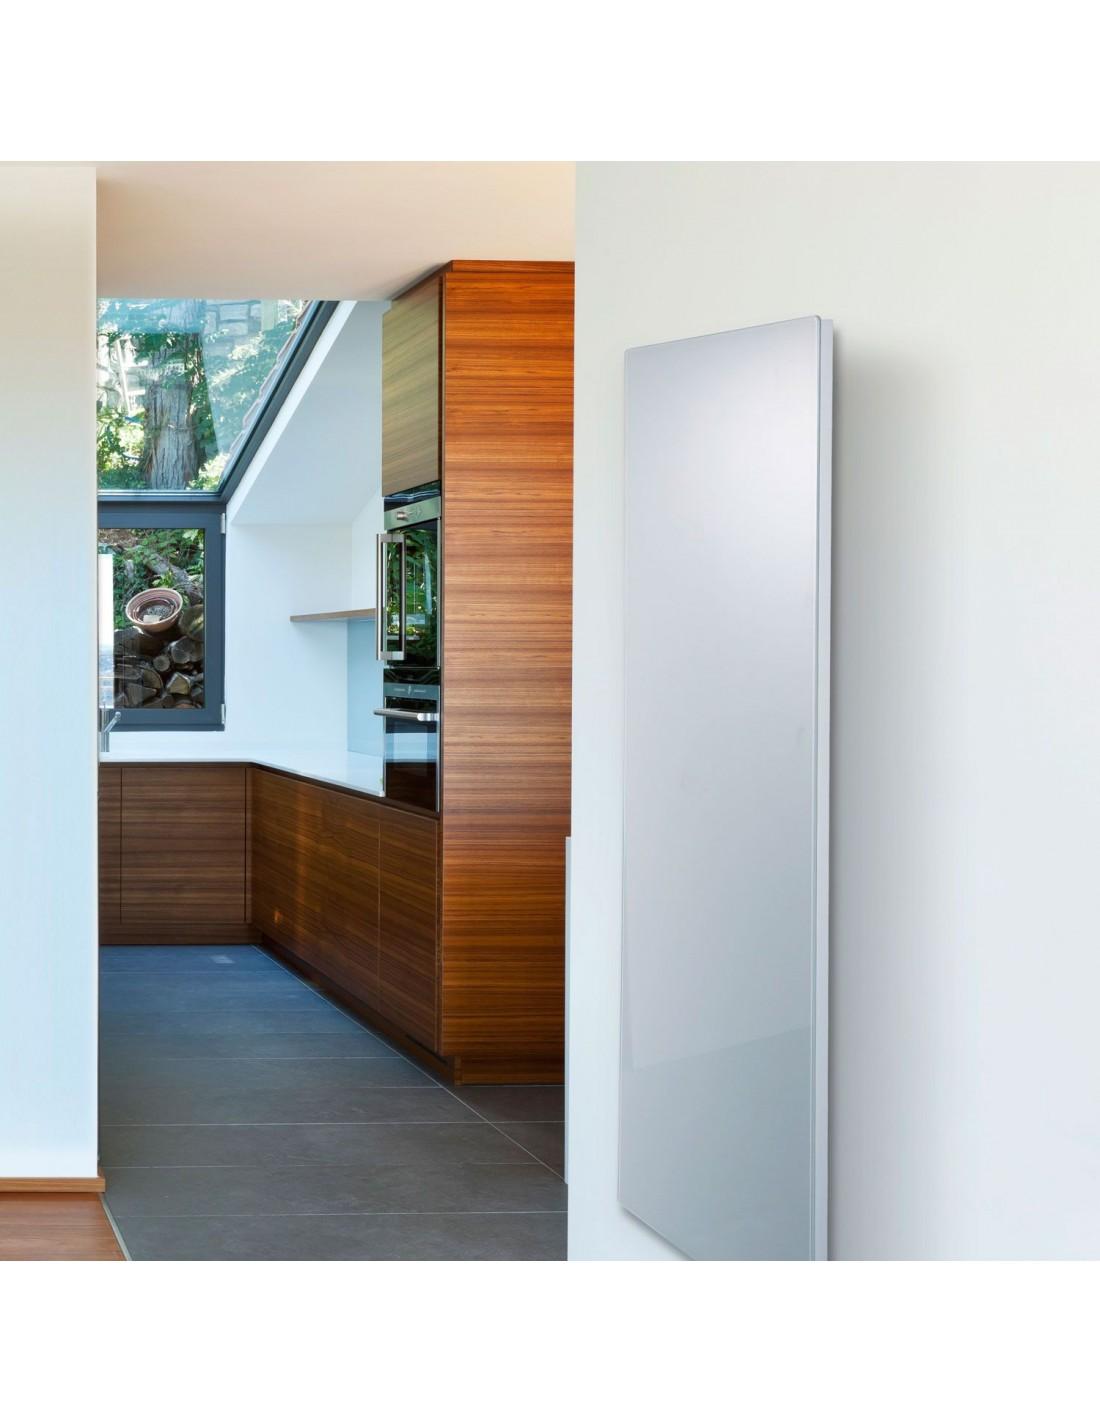 Radiateur Solaris vertical 1500W effet miroir de la marque Fondis - Valente Design